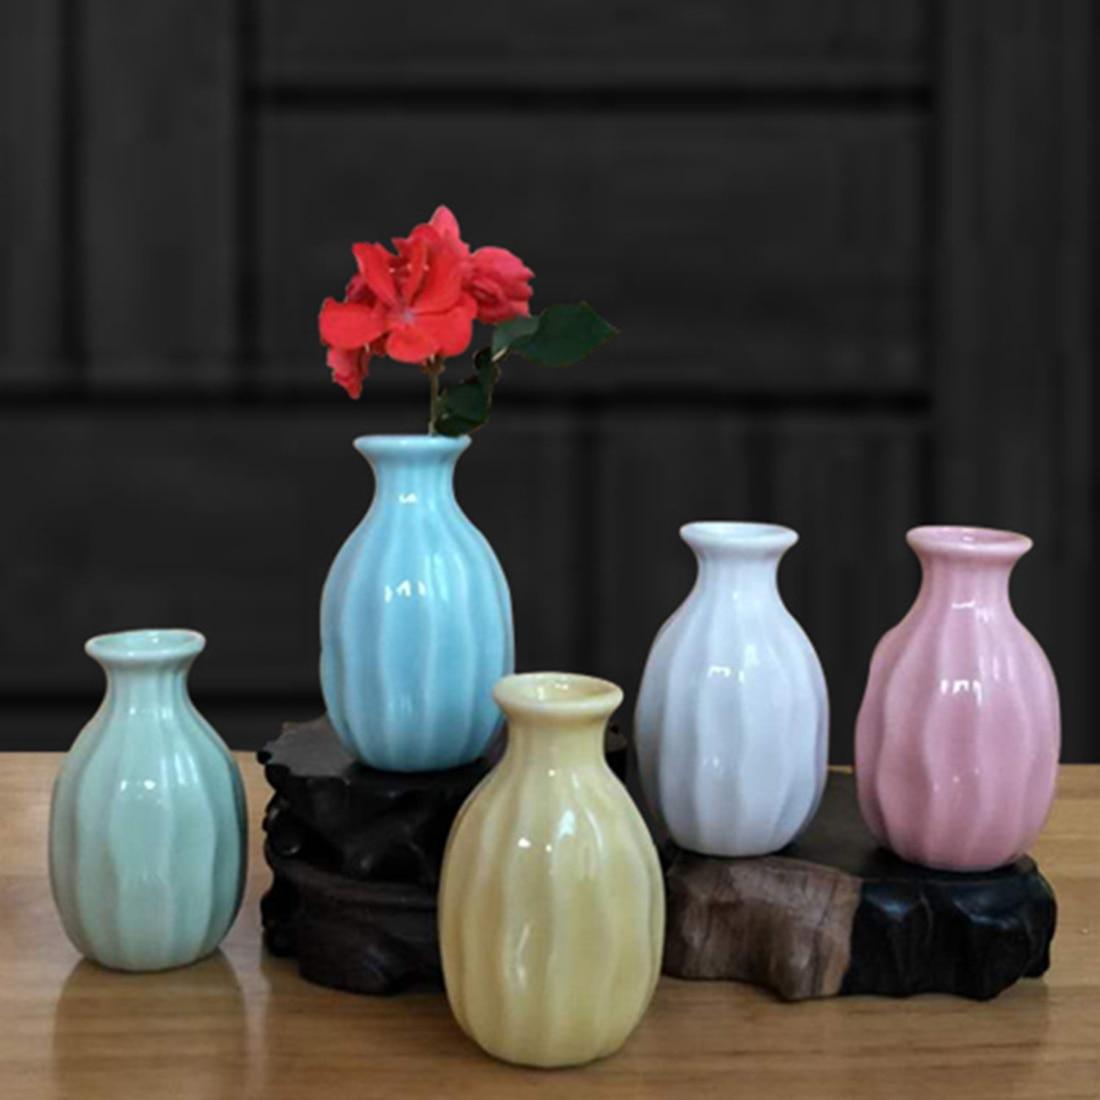 Современные фарфоровая ваза, ваза для цветов для домашнего интерьера комнаты декор Свадебные украшения подарок на Новый год